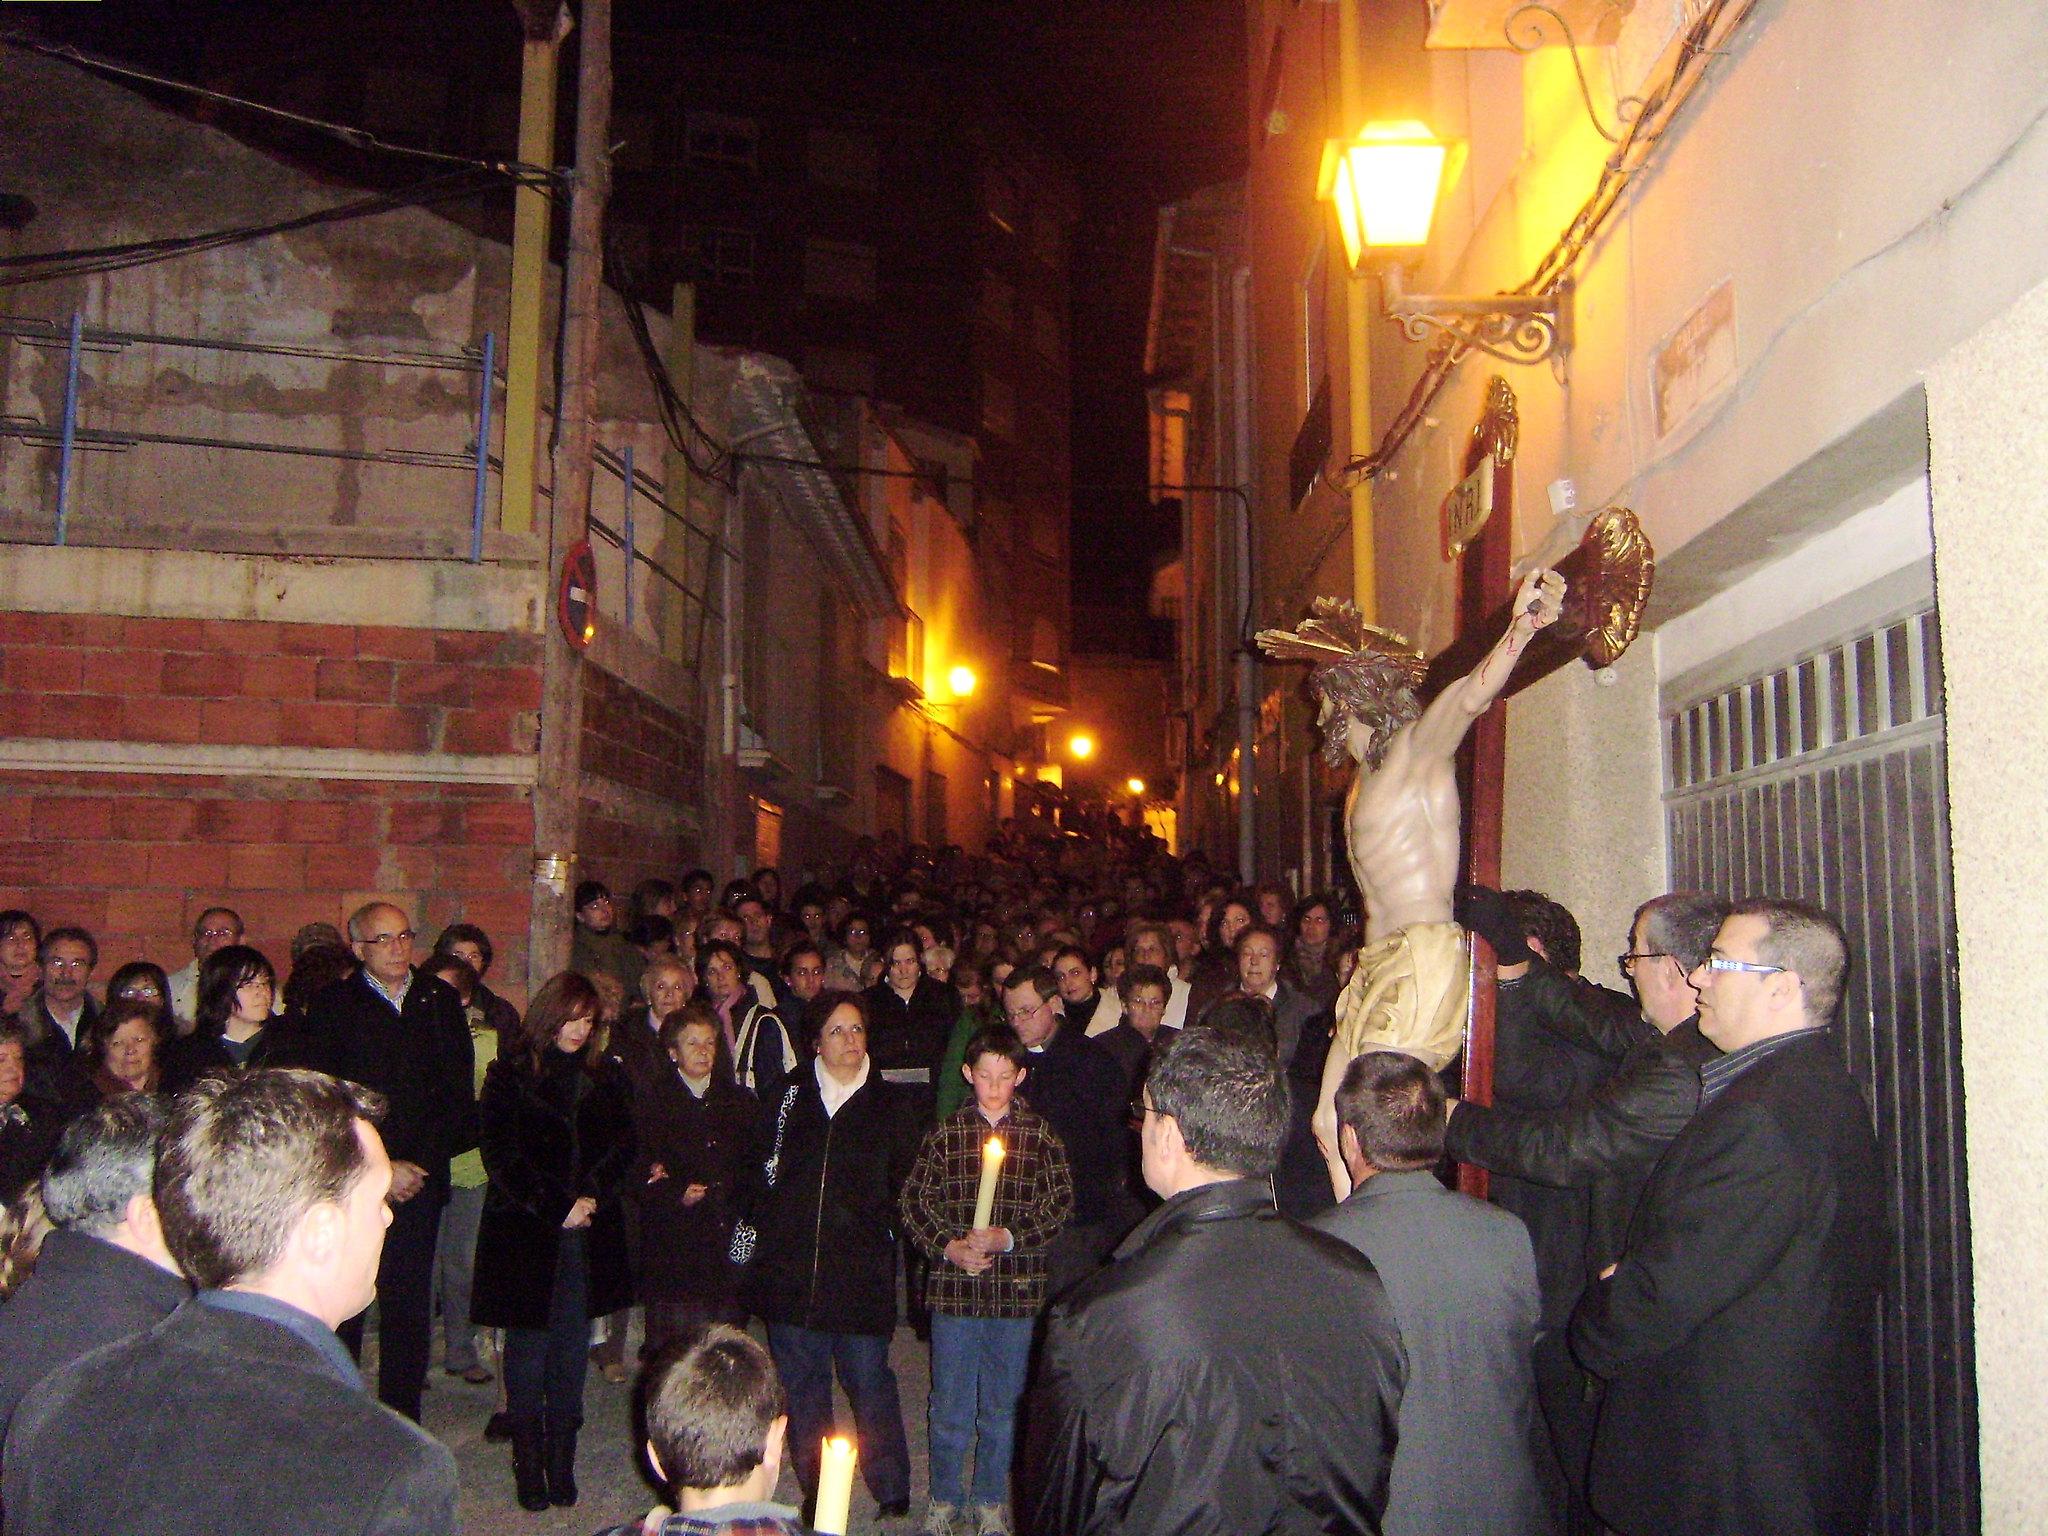 (2010-03-26) - I Vía Crucis nocturno - Javier Romero Ripoll - (12)